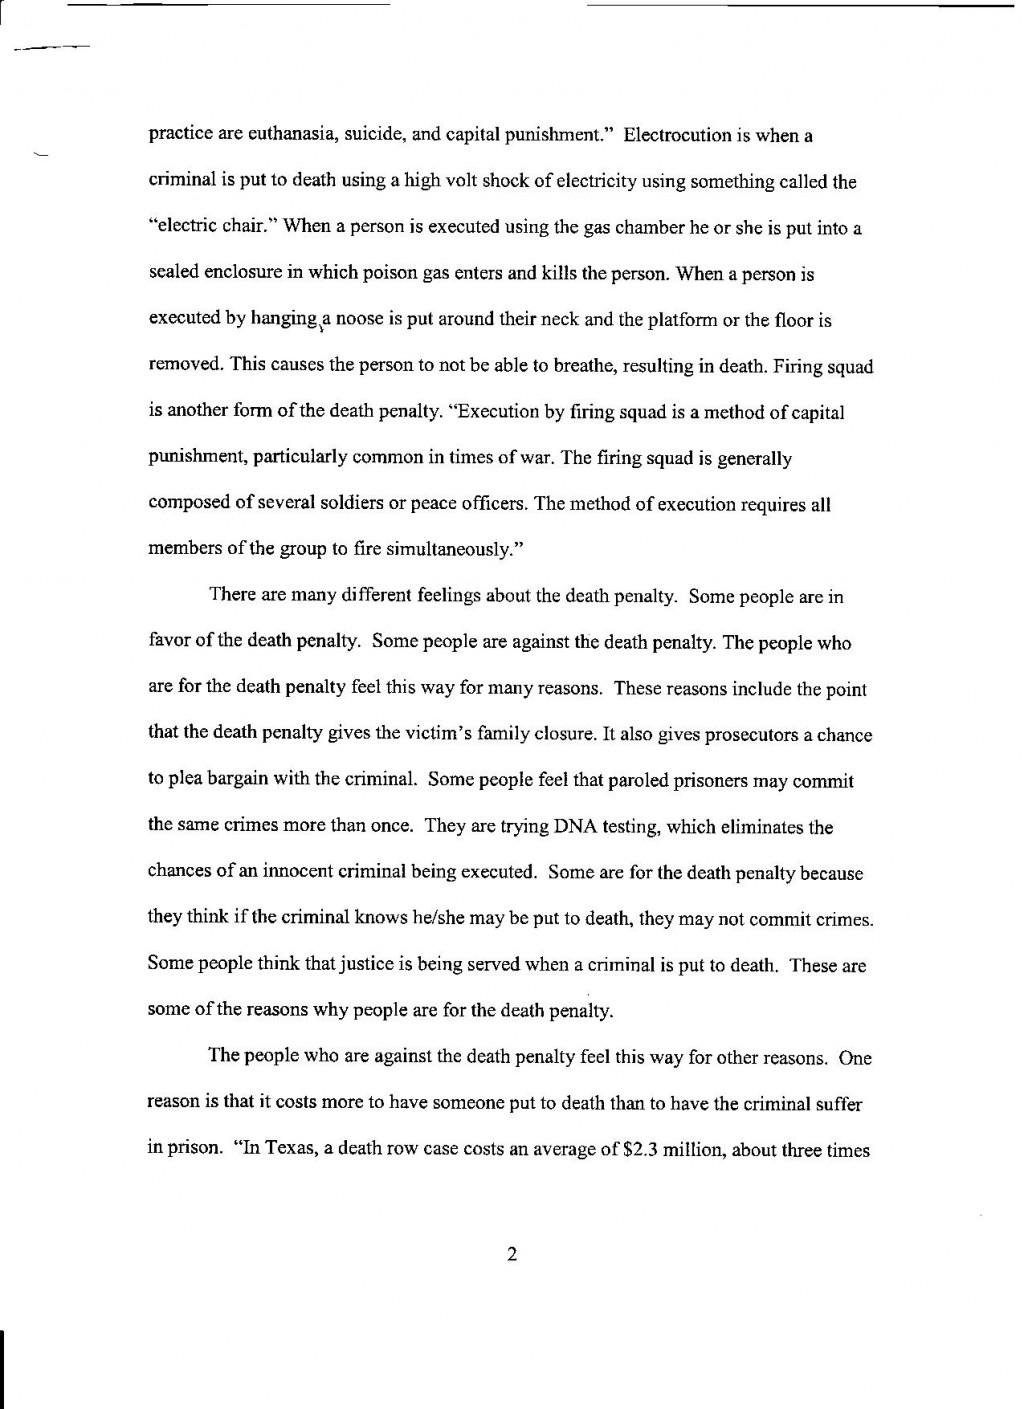 002 Death Penalty Essays Pg Essay Sensational Anti Conclusion Hook For Pro Argumentative Large